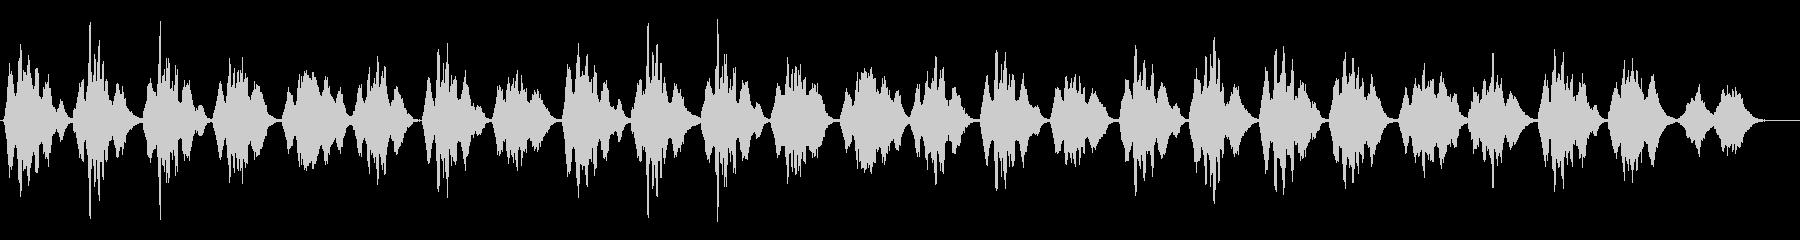 挙式で頻繁に使用される讃美歌312の未再生の波形